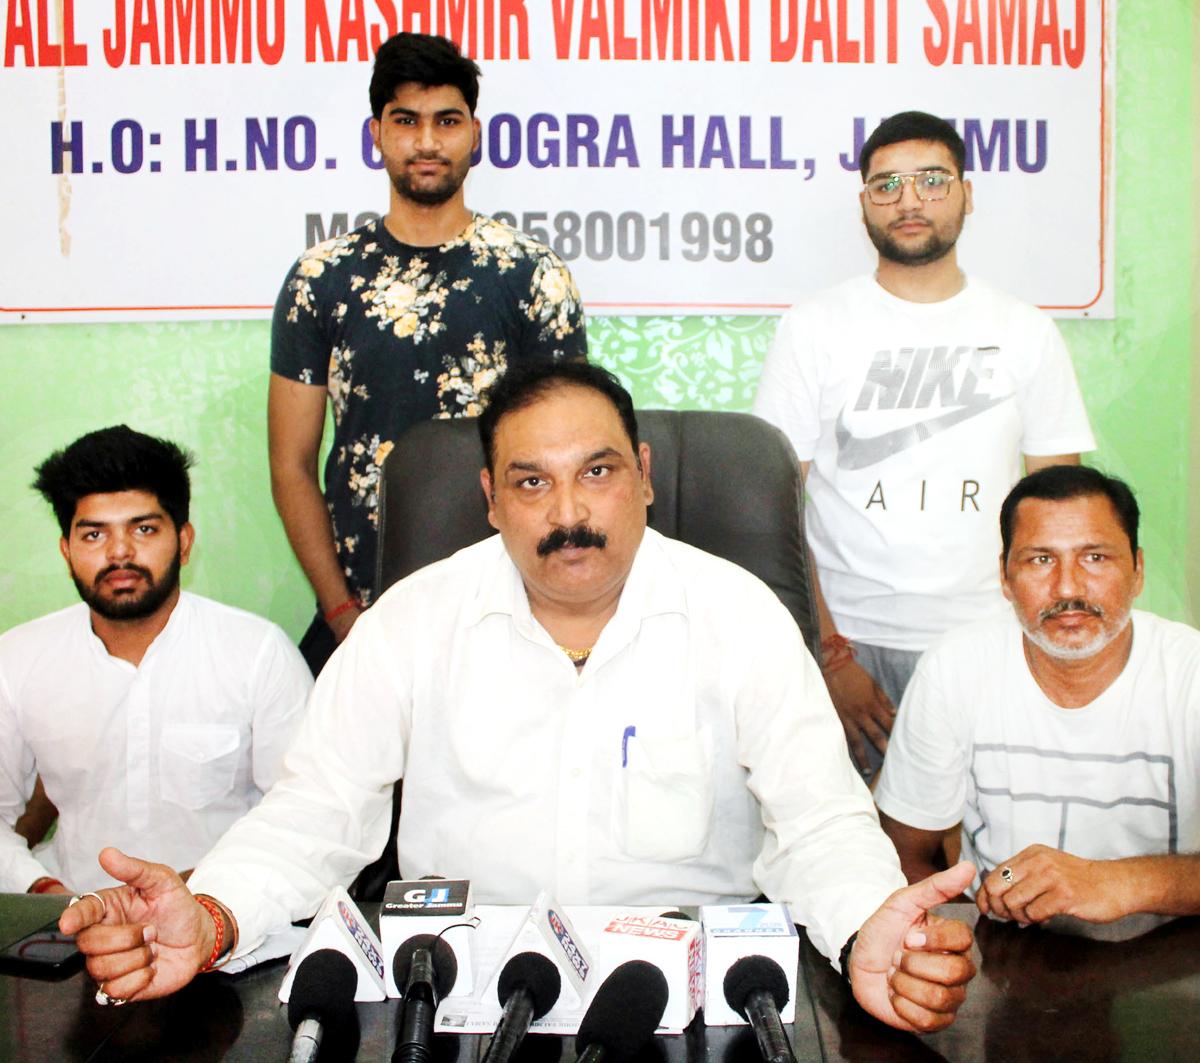 Leader of J&K Valmiki Samaj, Dev Anand Gill addressing a press conference at Jammu on Monday. -Excelsior/Rakesh